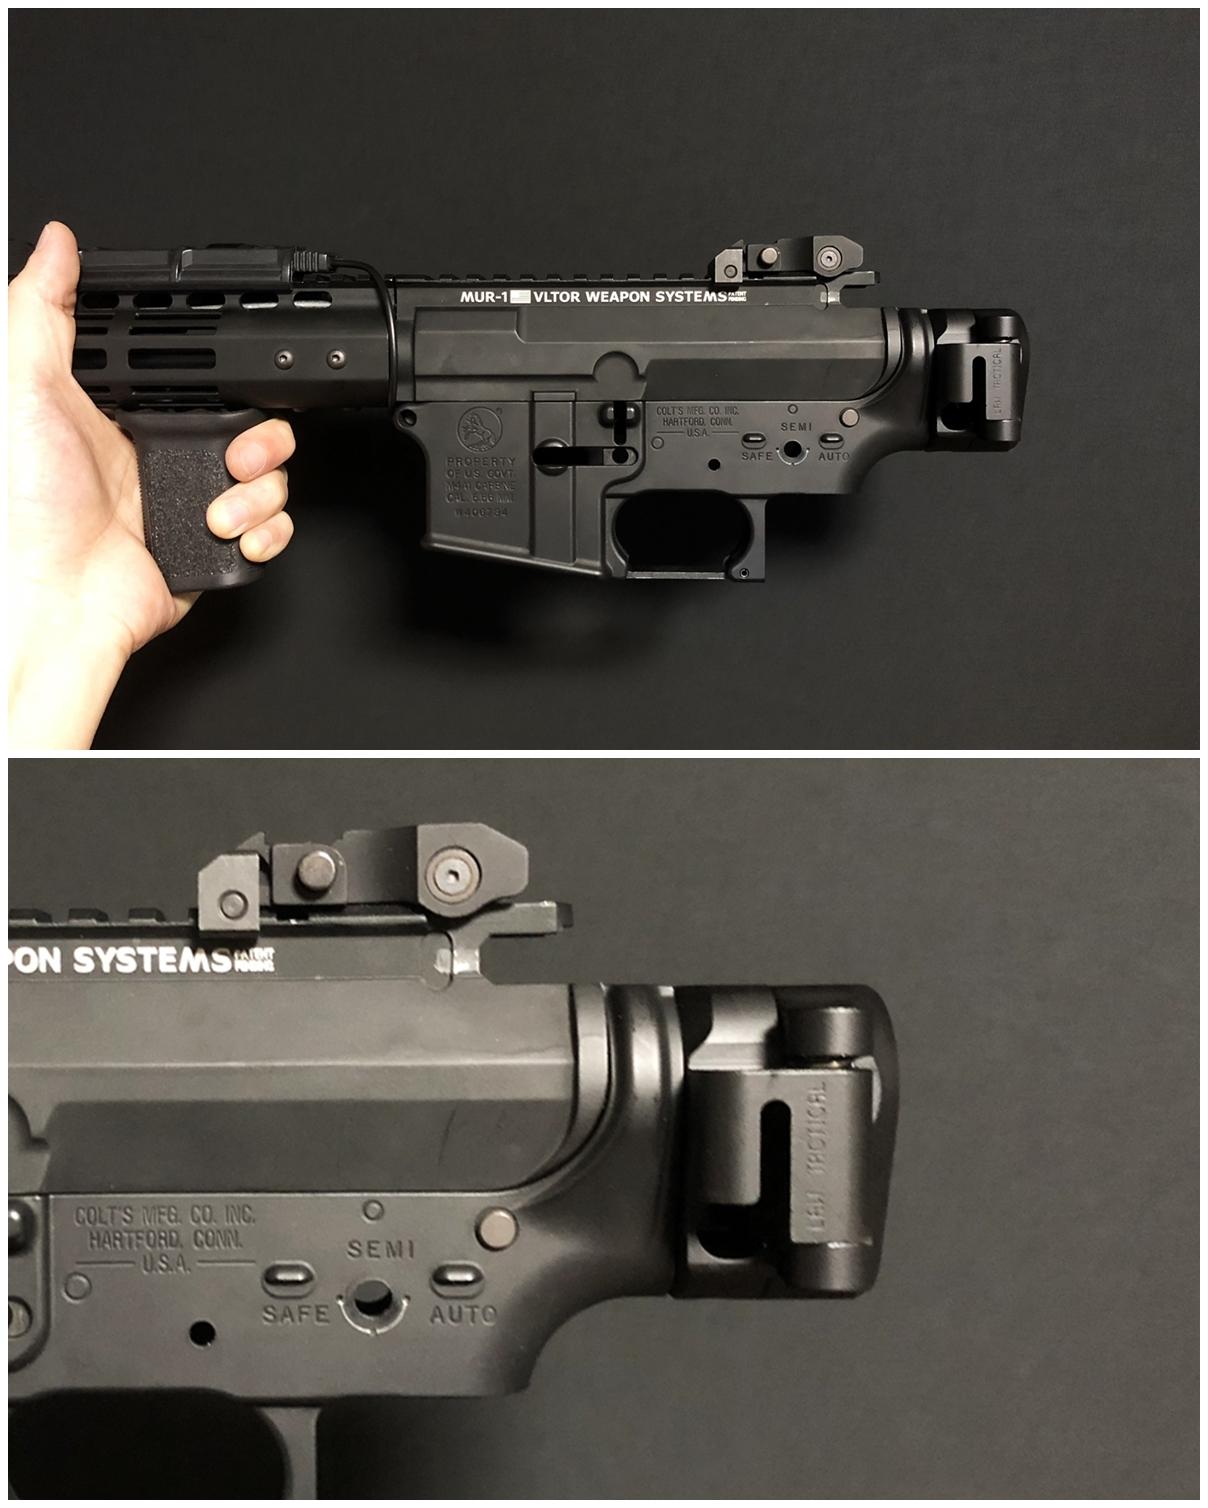 27 次世代 M4 CQB-R 電動ガン 実物 KAK ストック 取付 改造 カスタム 大作戦 第五弾!! やっと加工を再開!! 実銃 ストックパイプ AR フォールディング アダプター ダイス ネジ タップ 切り 加工 仮組 取付 道具 購入